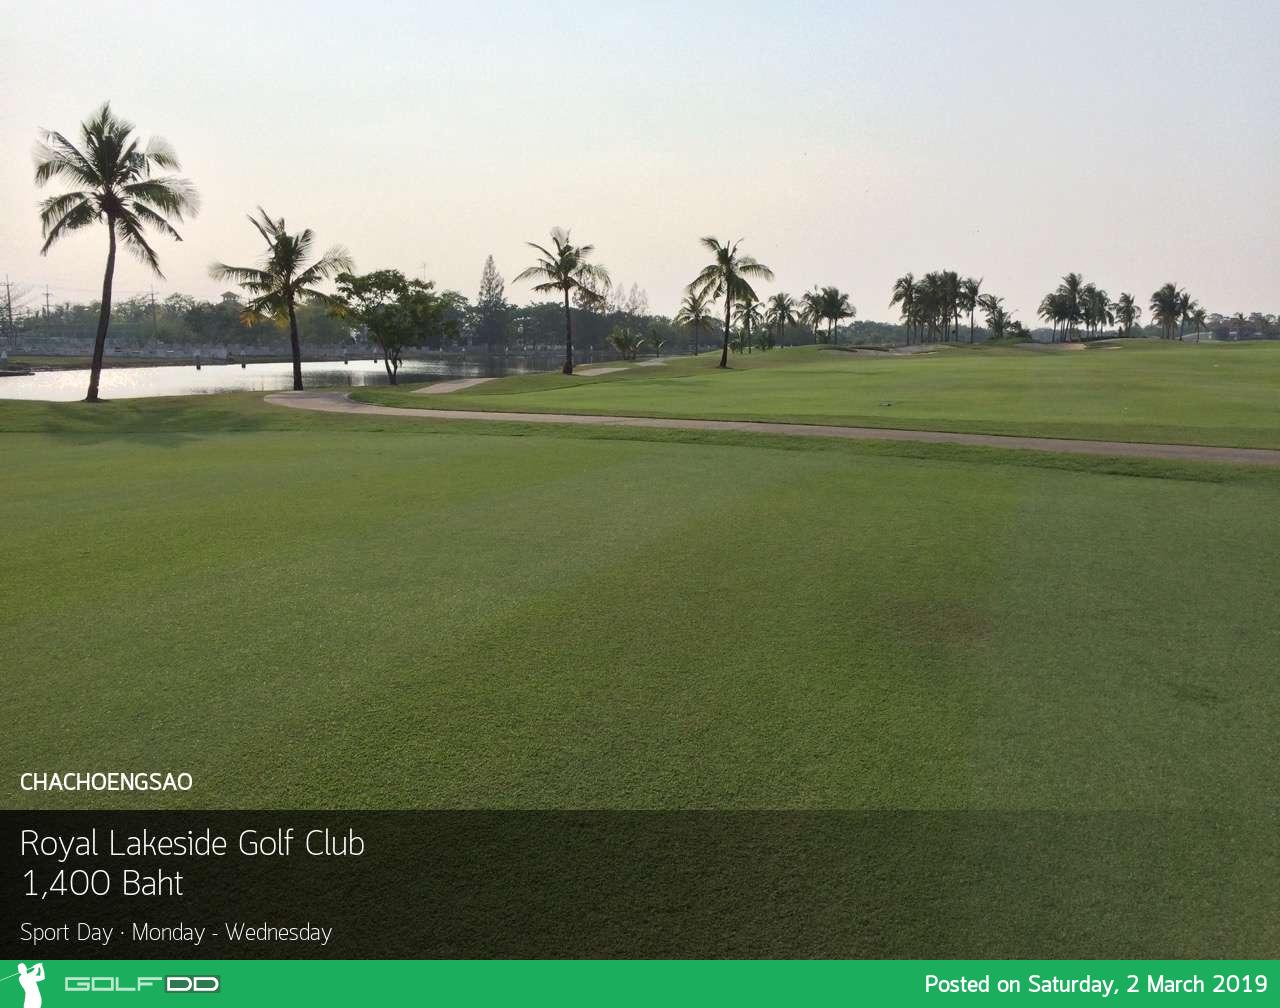 Royal Lakeside Golf Club จ.ฉะเชิงเทรา จองกับกอล์ฟดีดี มีโปรโมชั่นราคาสุดพิเศษ